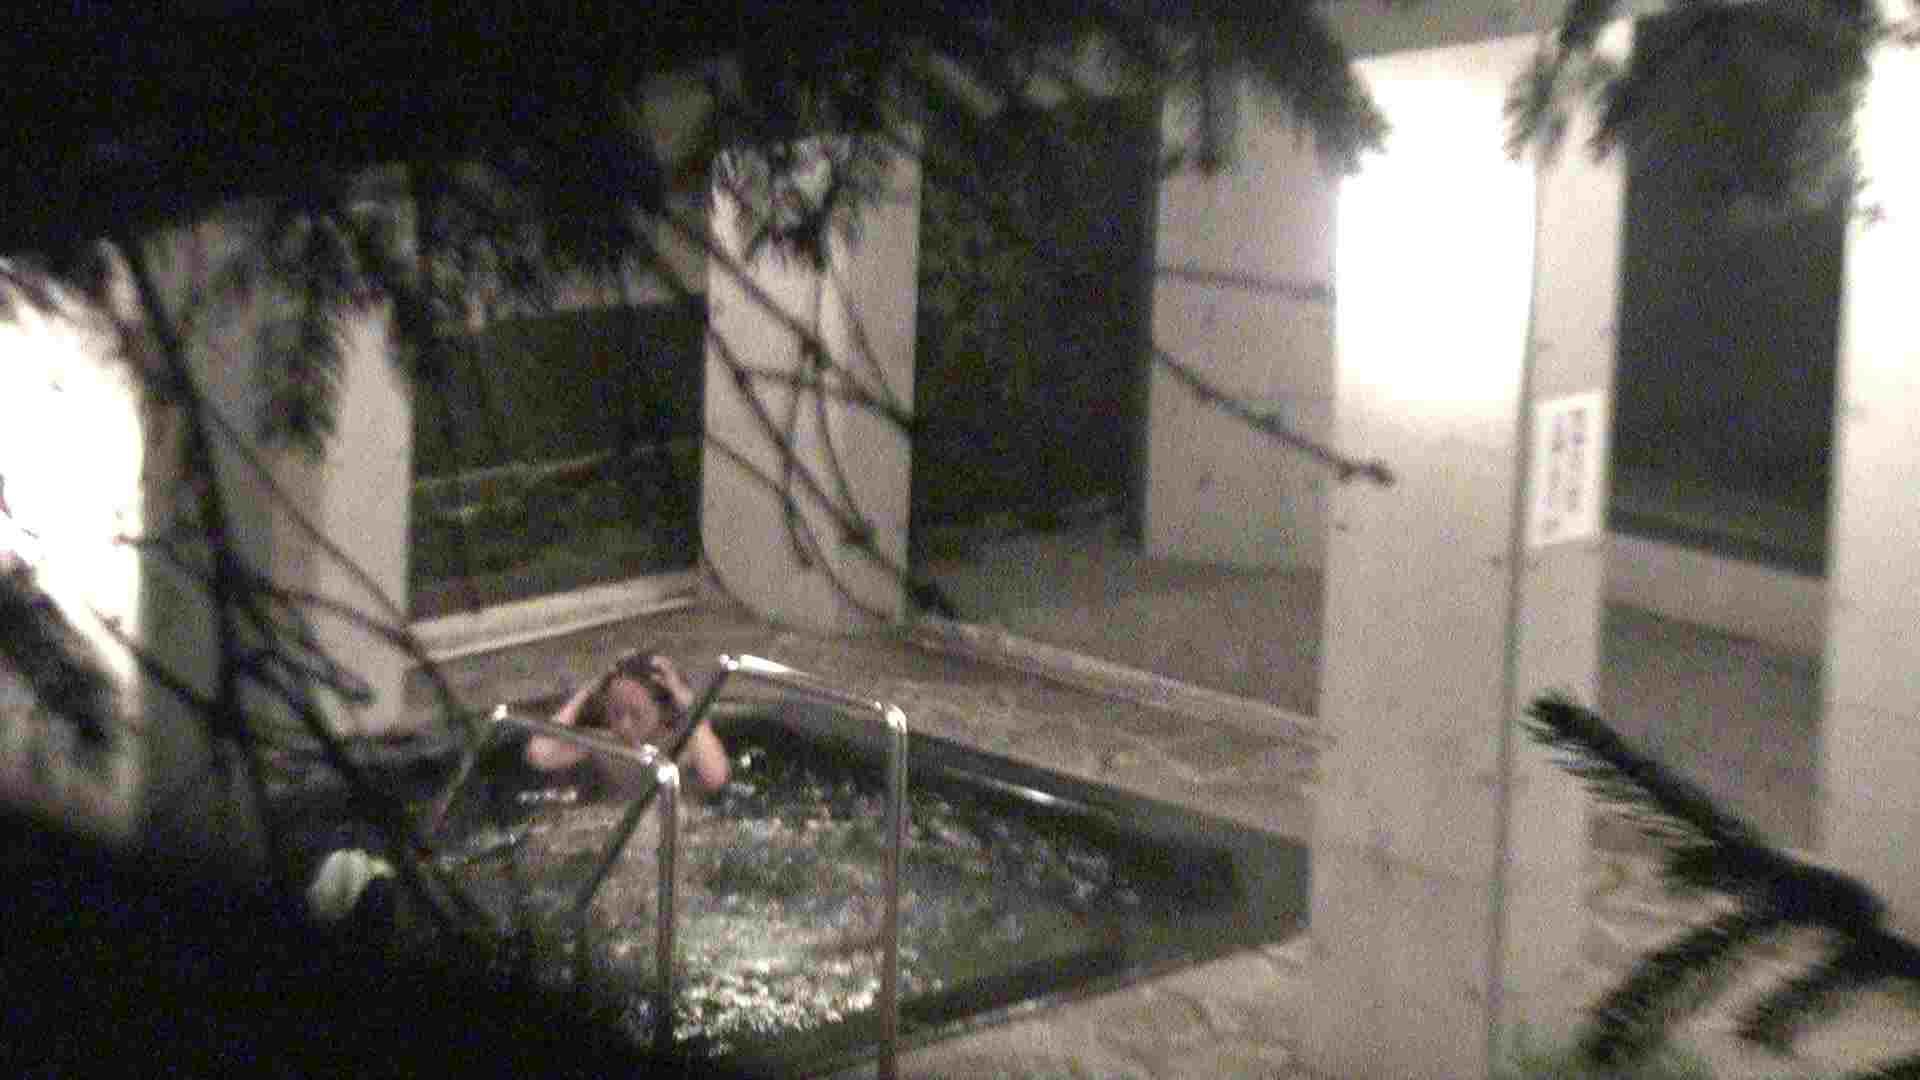 Aquaな露天風呂Vol.318 美しいOLの裸体   盗撮師作品  105pic 31